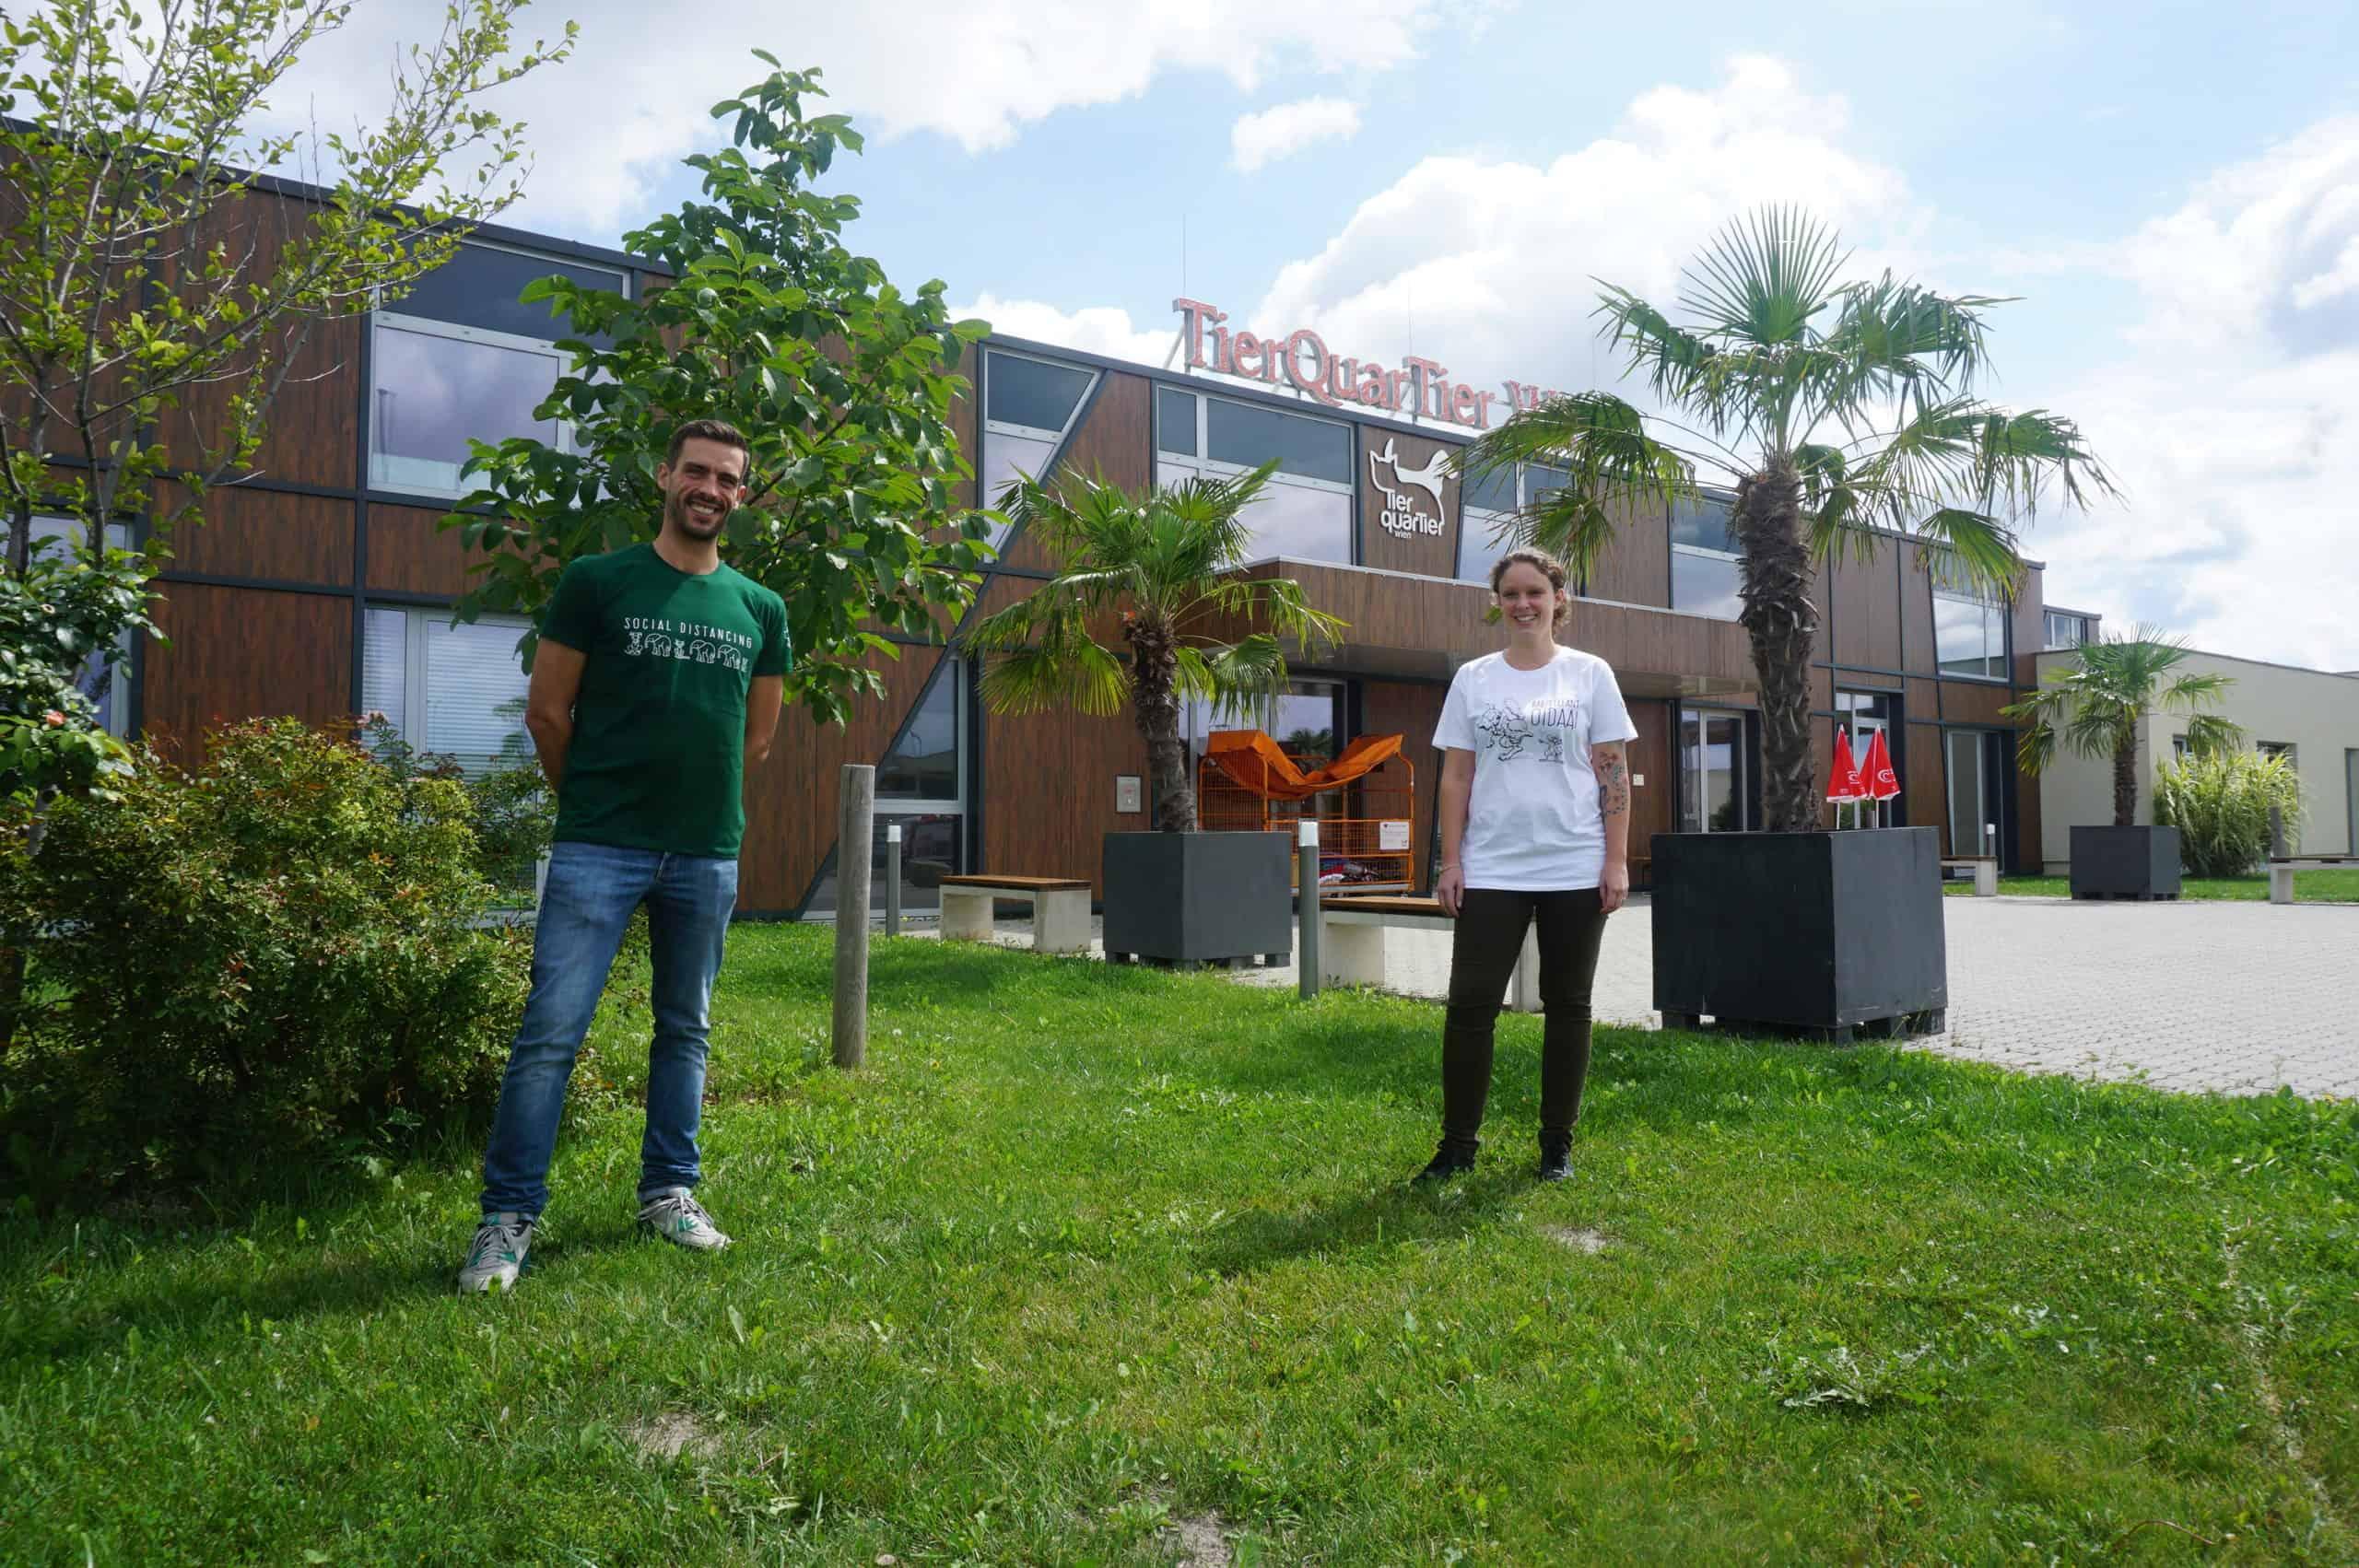 Zwei Mitarbeiter des TierQuarTiers Wien stehen auf einer Wiese. Sie tragen die T-Shirts.